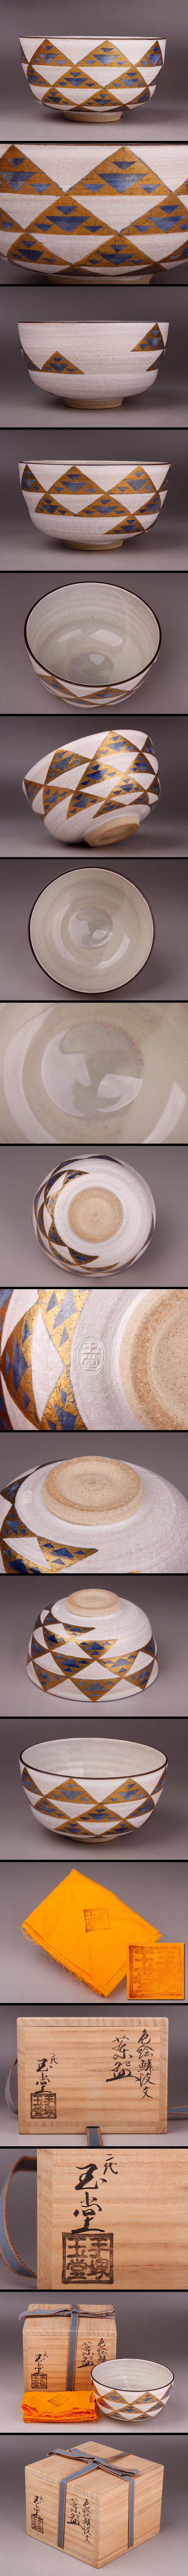 【骨董】二代 手塚玉堂 色絵鱗波文 茶碗 共箱 本物保証 茶道具nyの詳細